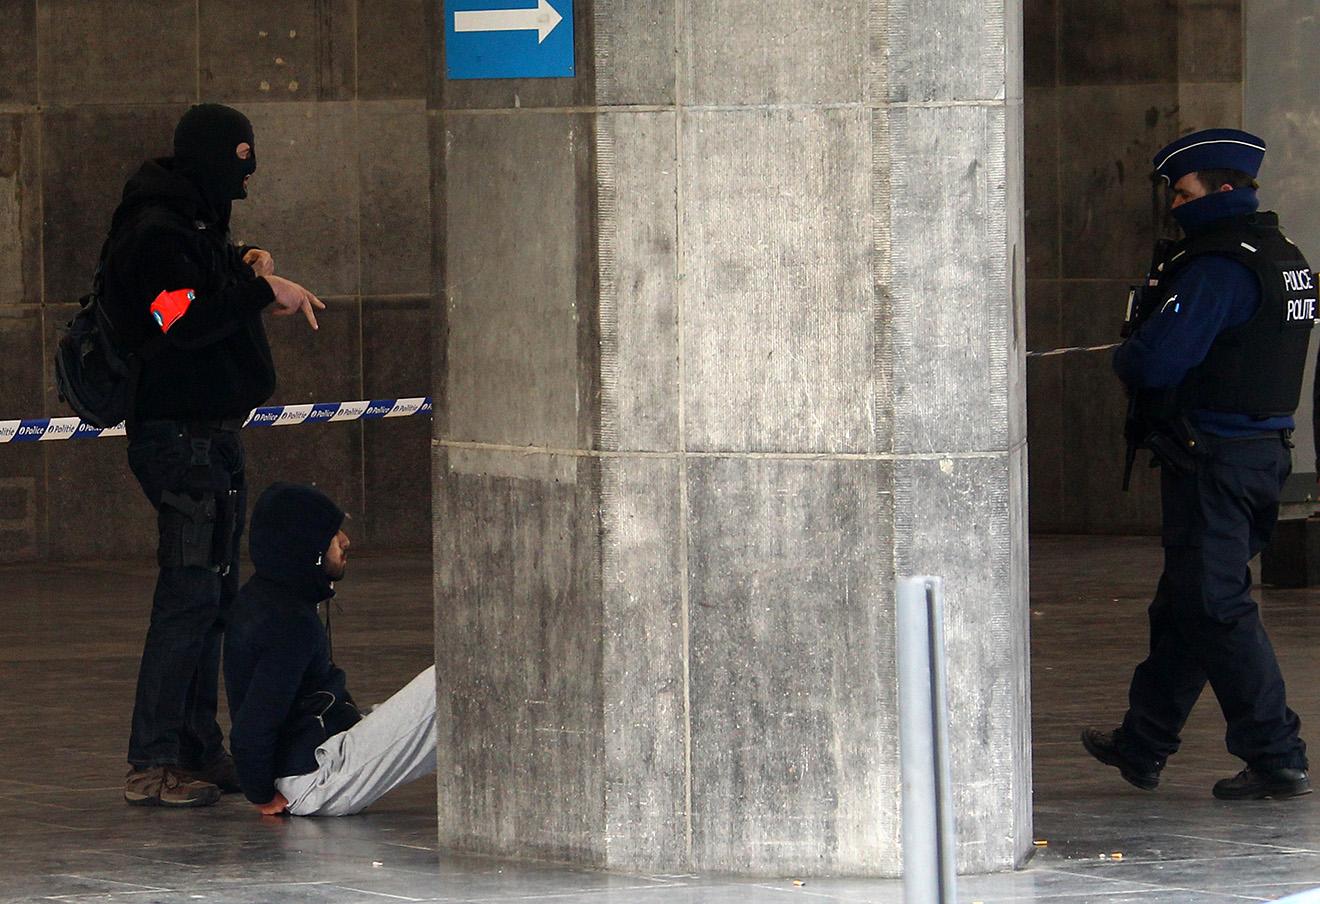 Бельгийские полицейские задерживают человека на вокзале Гар-дю-Миди в Брюсселе.